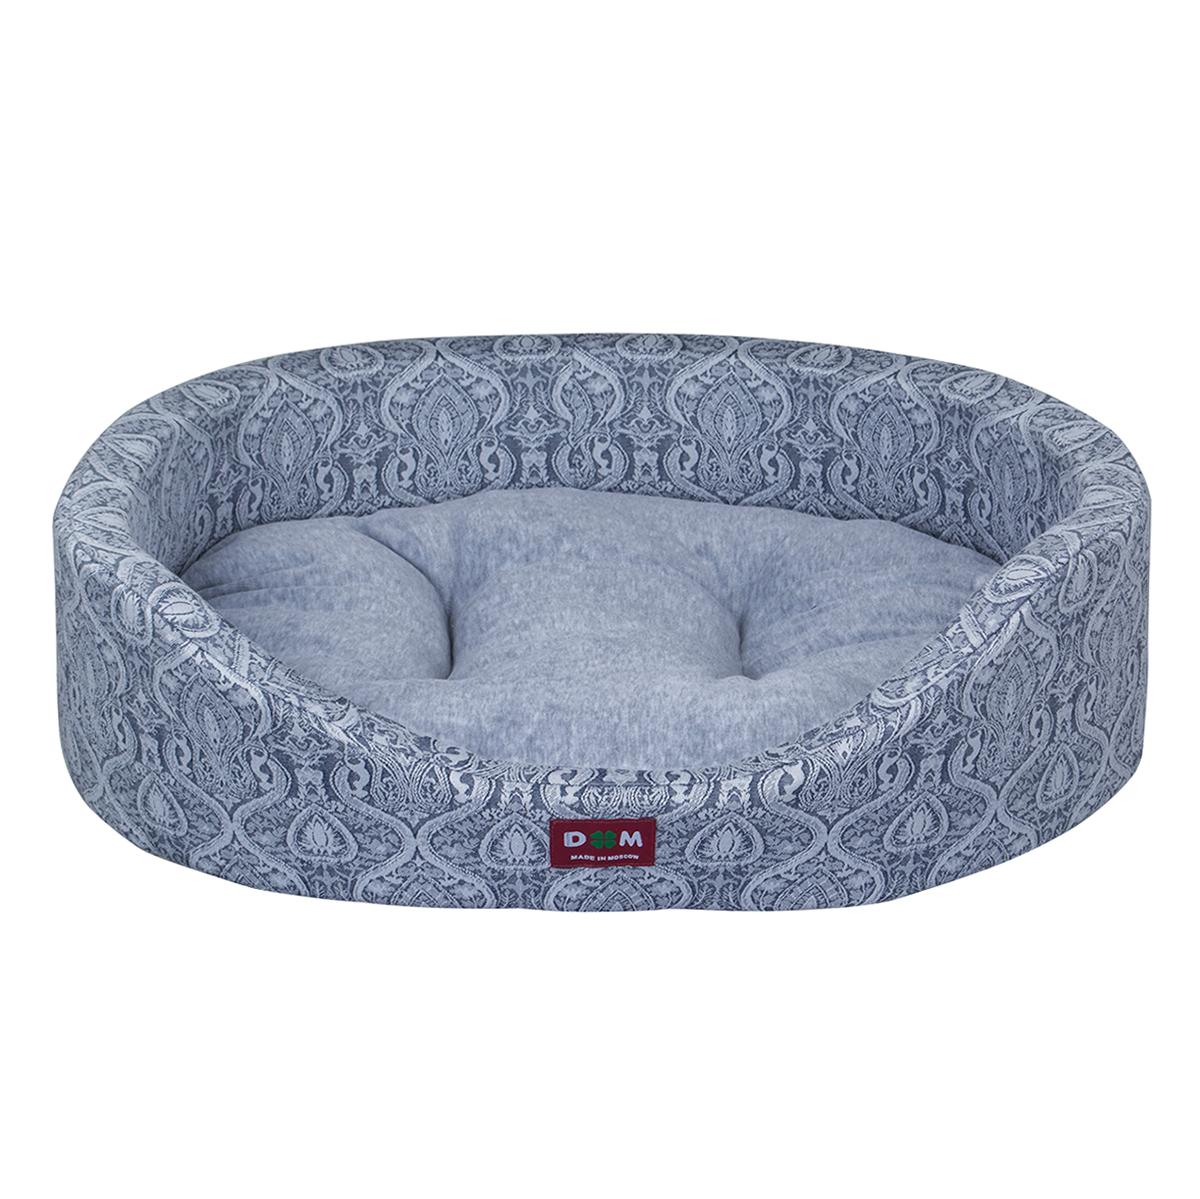 Лежак для животных Dogmoda Дуэт, цвет: серый, 60 x 48 x 12 смDM-160278-2Лежак для животных Dogmoda Дуэт прекрасно подойдет для отдыха вашего домашнего питомца. Предназначен для собак мелких и средних пород и кошек. Изделие выполнено из жаккарда с изысканным узором, внутри - мягкий наполнитель из поролона, который обеспечивает комфорт и уют. Лежак снабжен съемной велюровой подушкой с холлофайбером внутри. Изделие имеет высокие бортики. Комфортный и уютный лежак обязательно понравится вашему питомцу, животное сможет там отдохнуть и выспаться. Высокий уровень комфорта, спокойный благородный цвет и мягкость сделают этот лежак любимым местом отдыха вашего питомца.